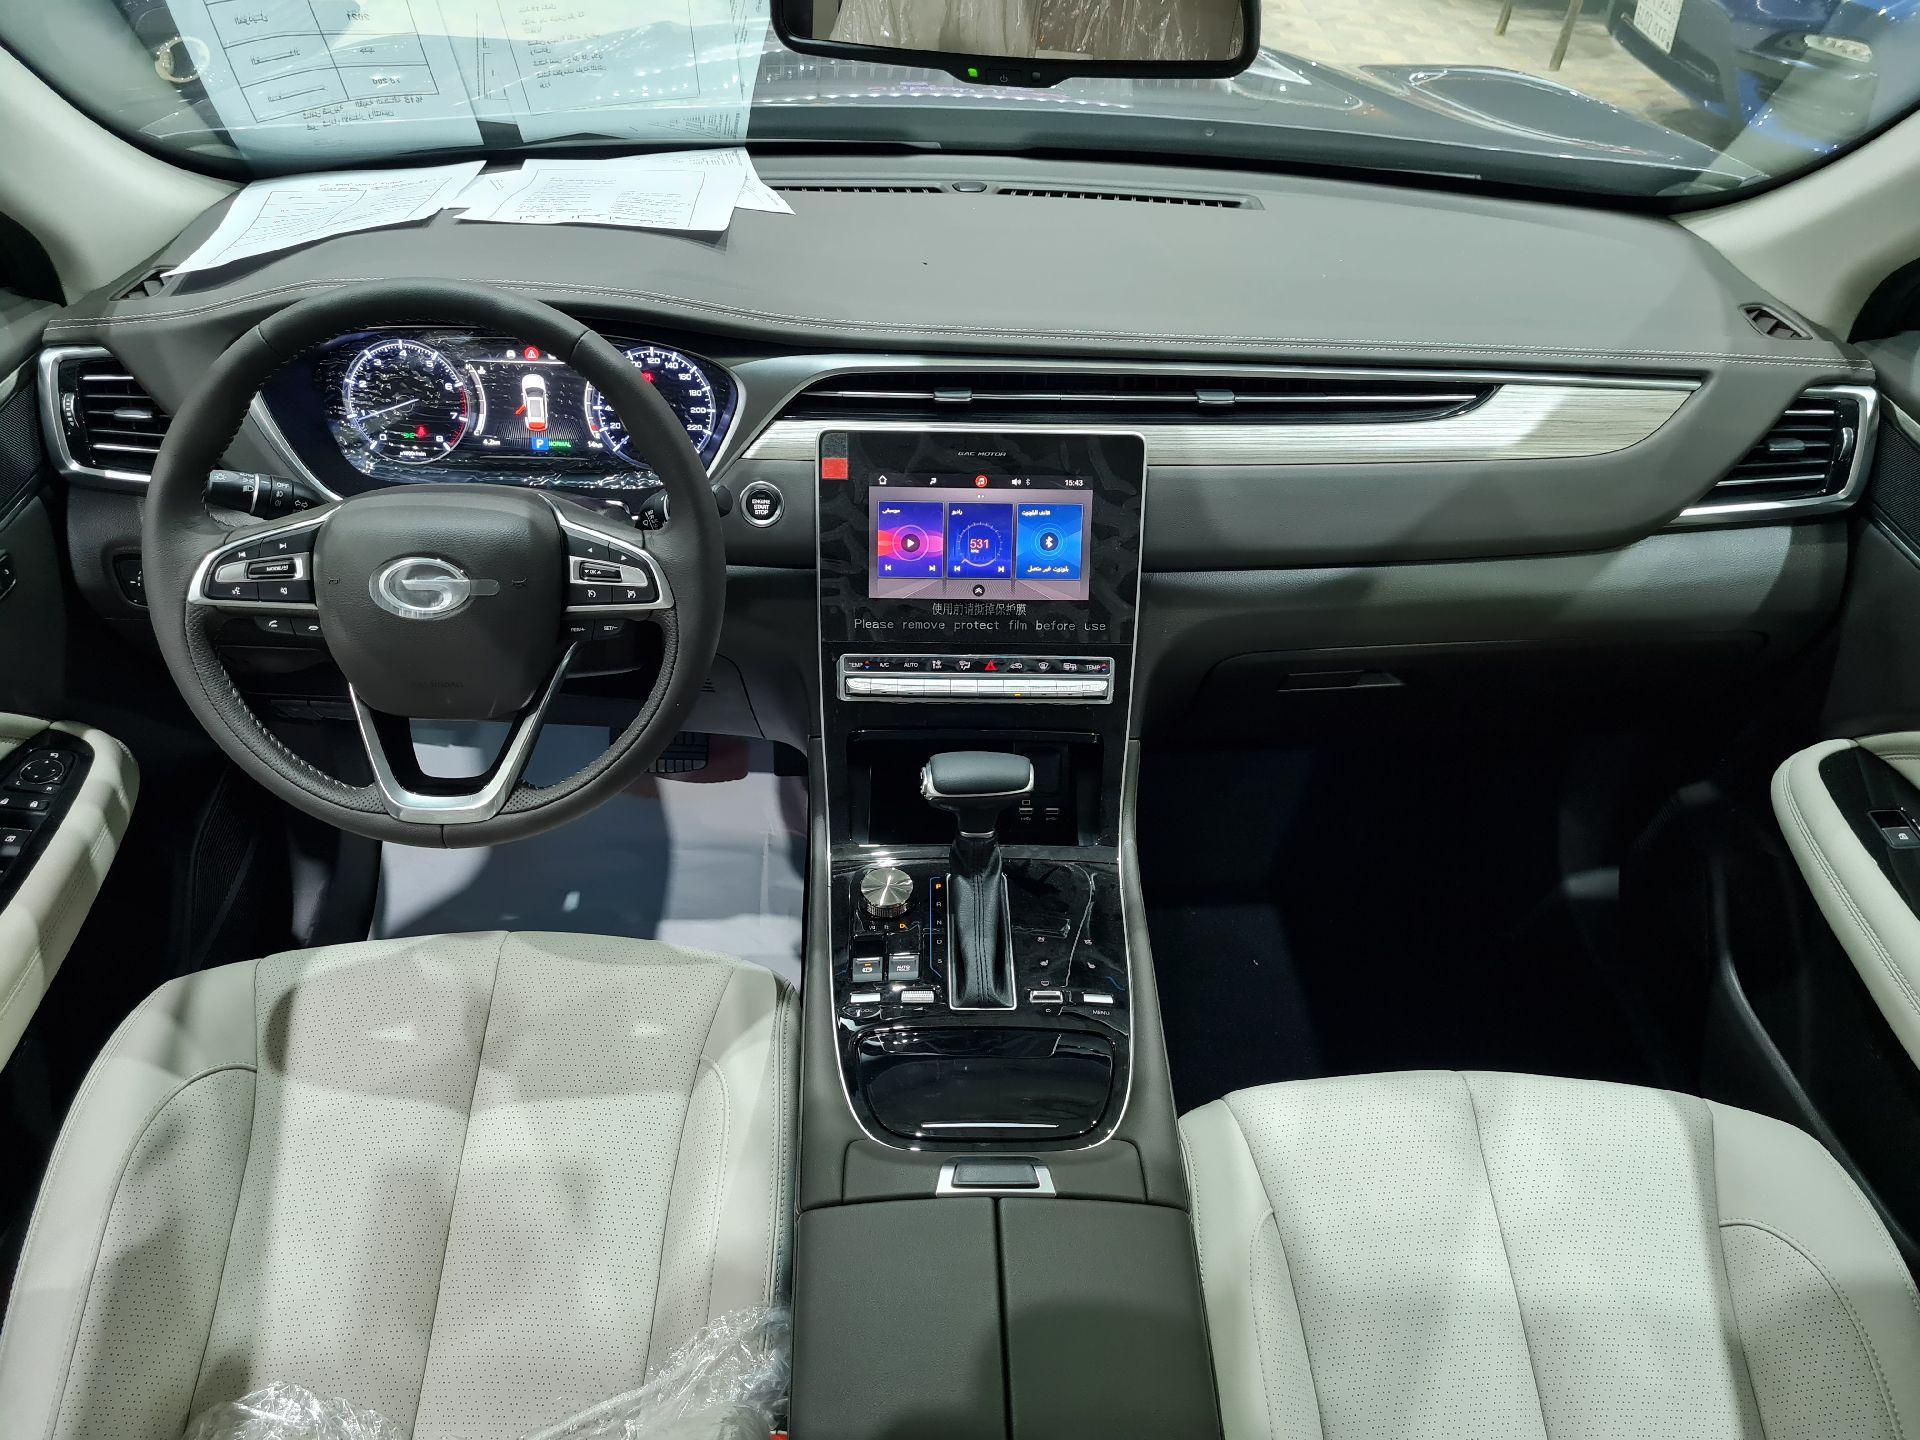 جي أيه سي GS5 فل  2021 سعودي جديد للبيع في الرياض - السعودية - صورة كبيرة - 8